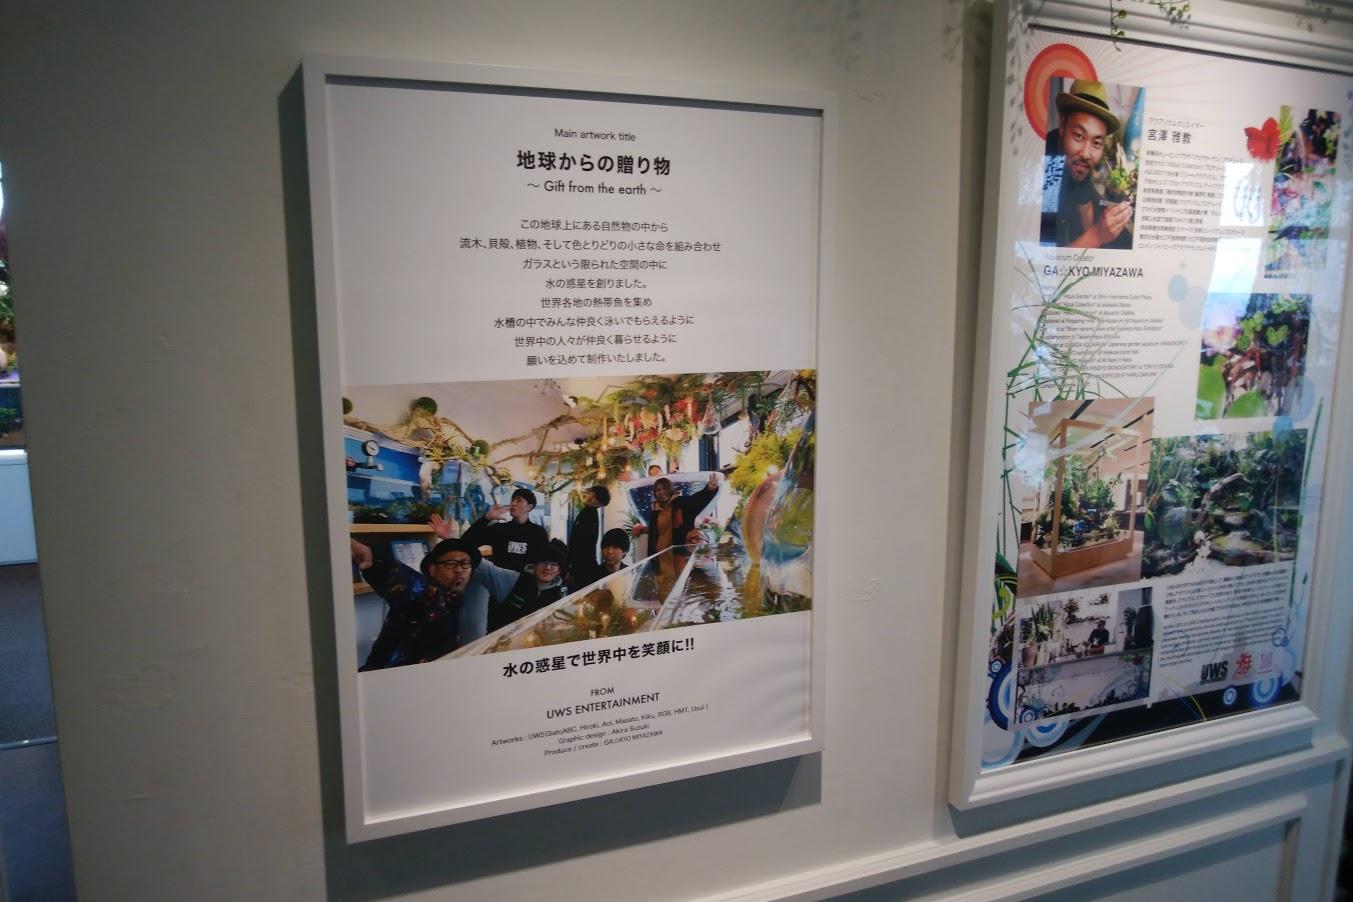 宇多津ゴールドタワーソラキン天空4F地球からの贈り物ポスター